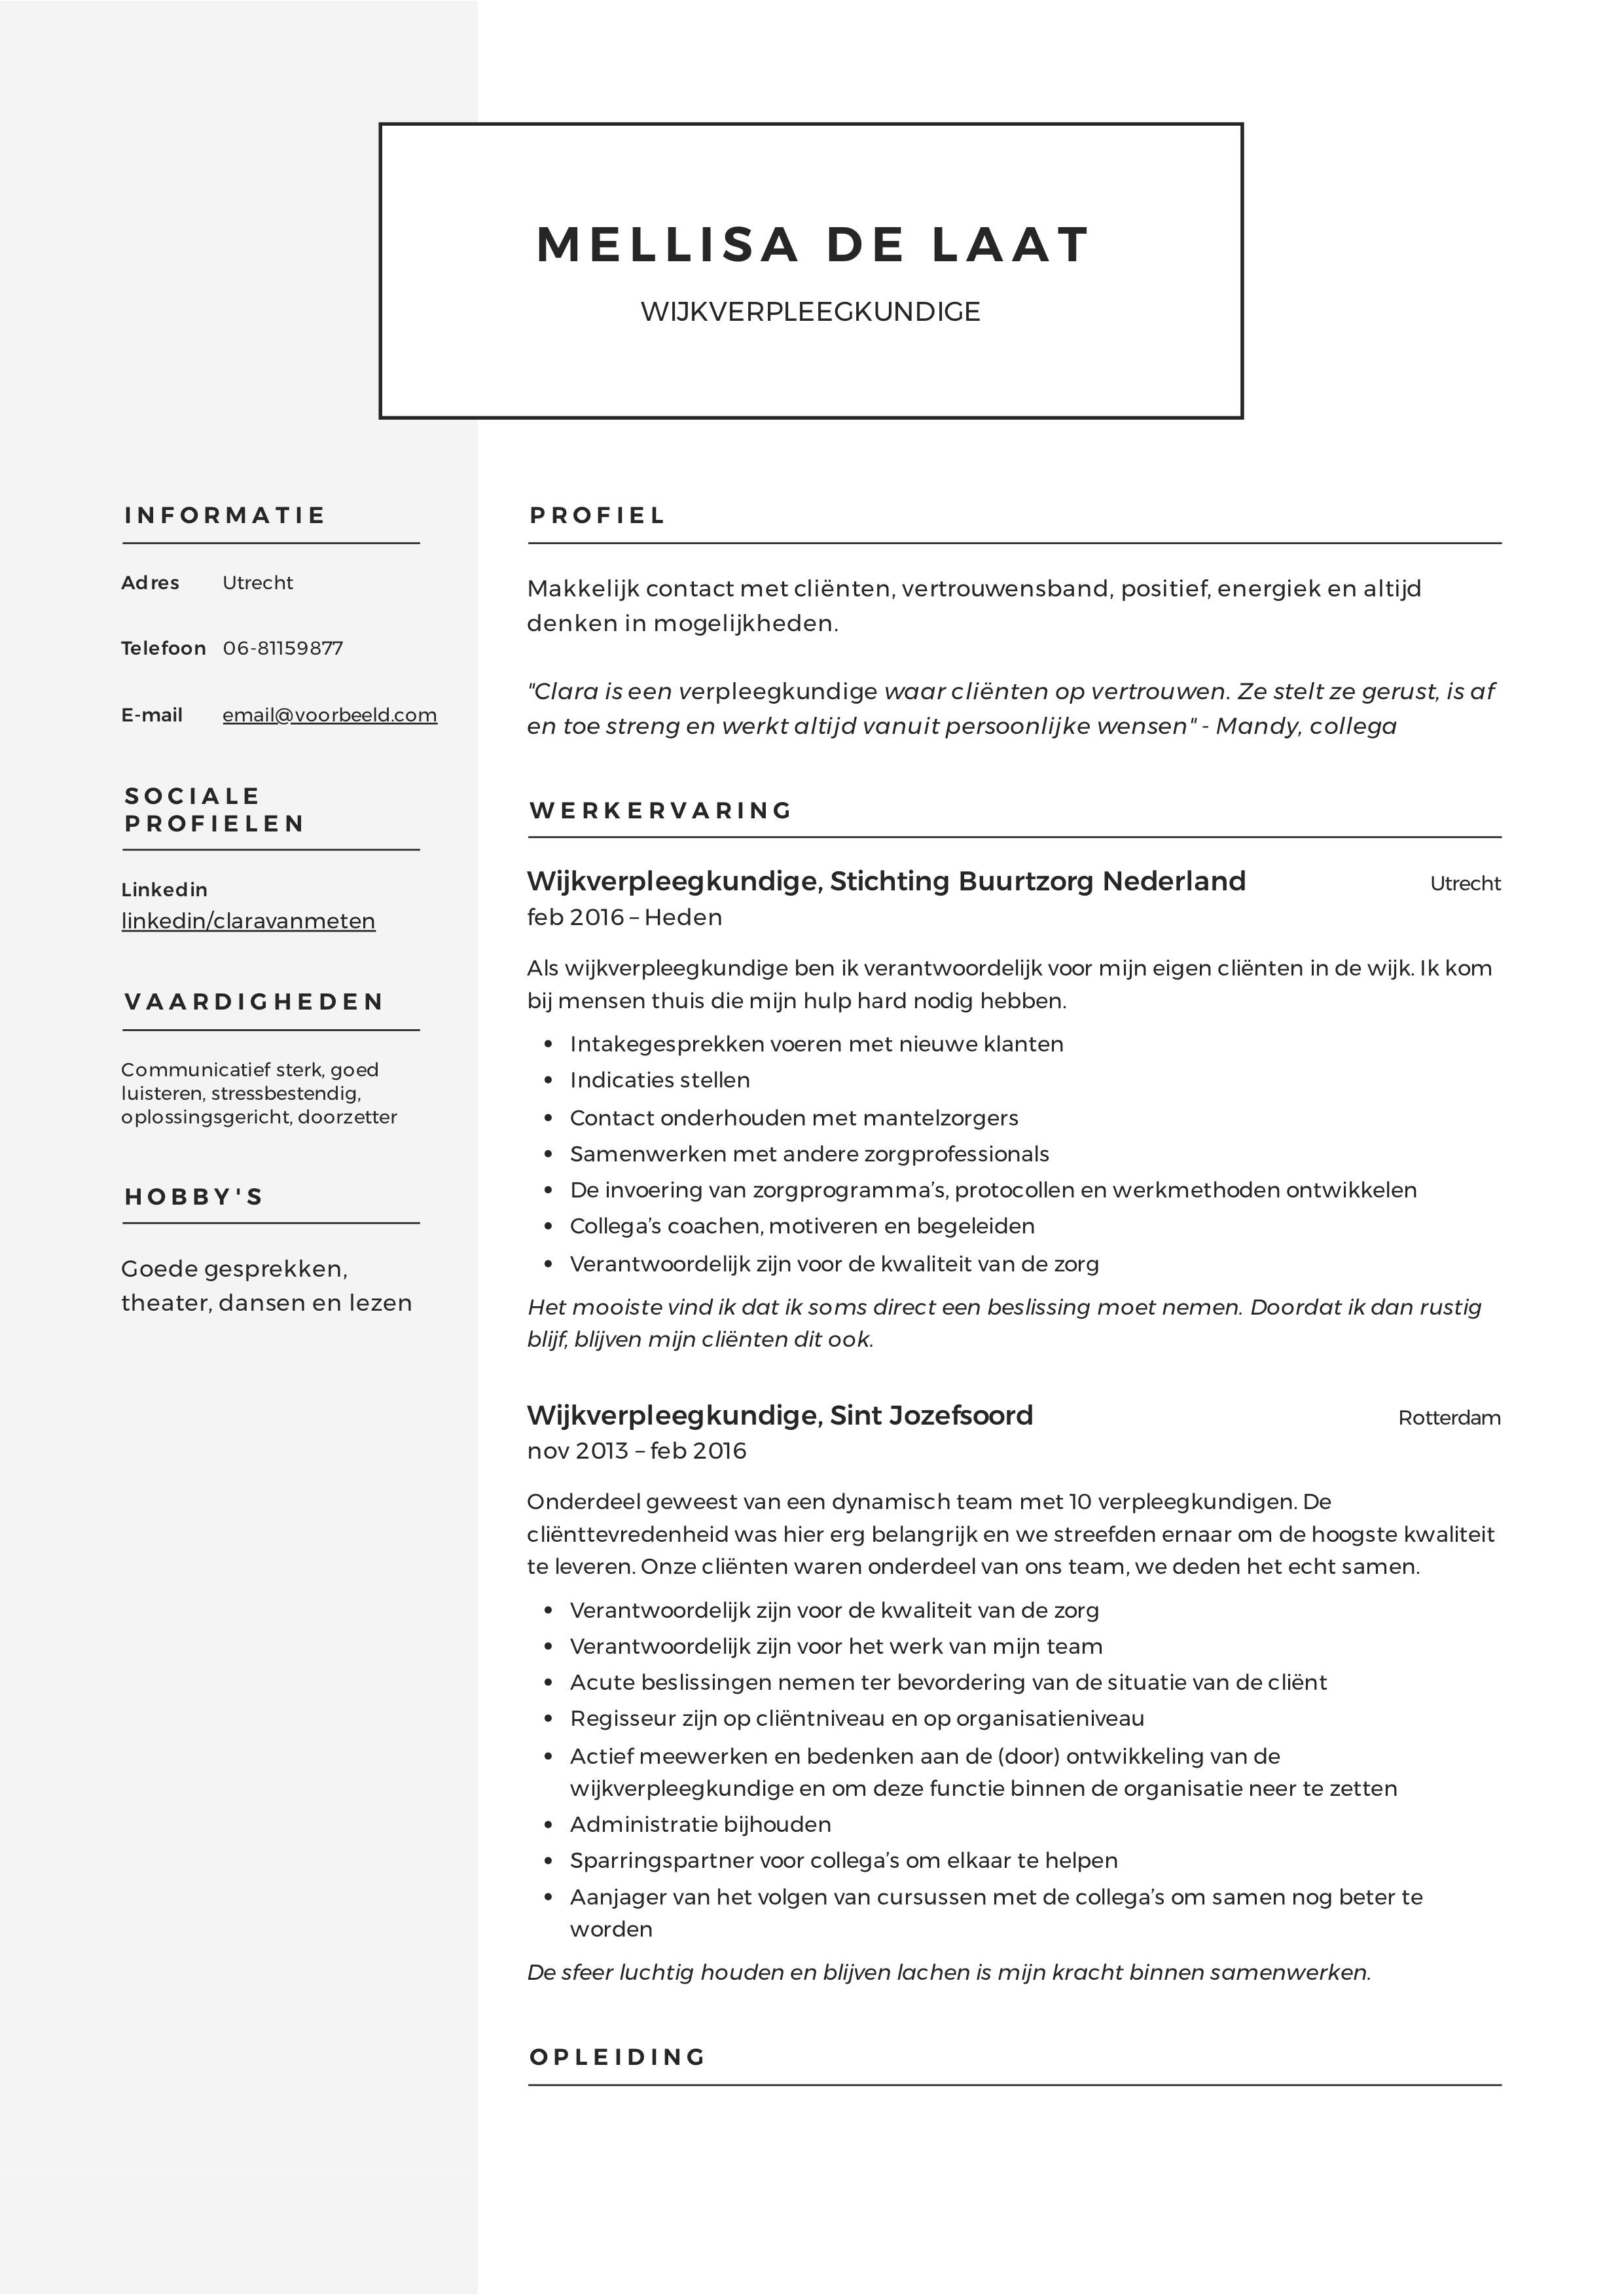 Mellisa_de_Laat_-_CV_-_Wijkverpleegkundige (4)